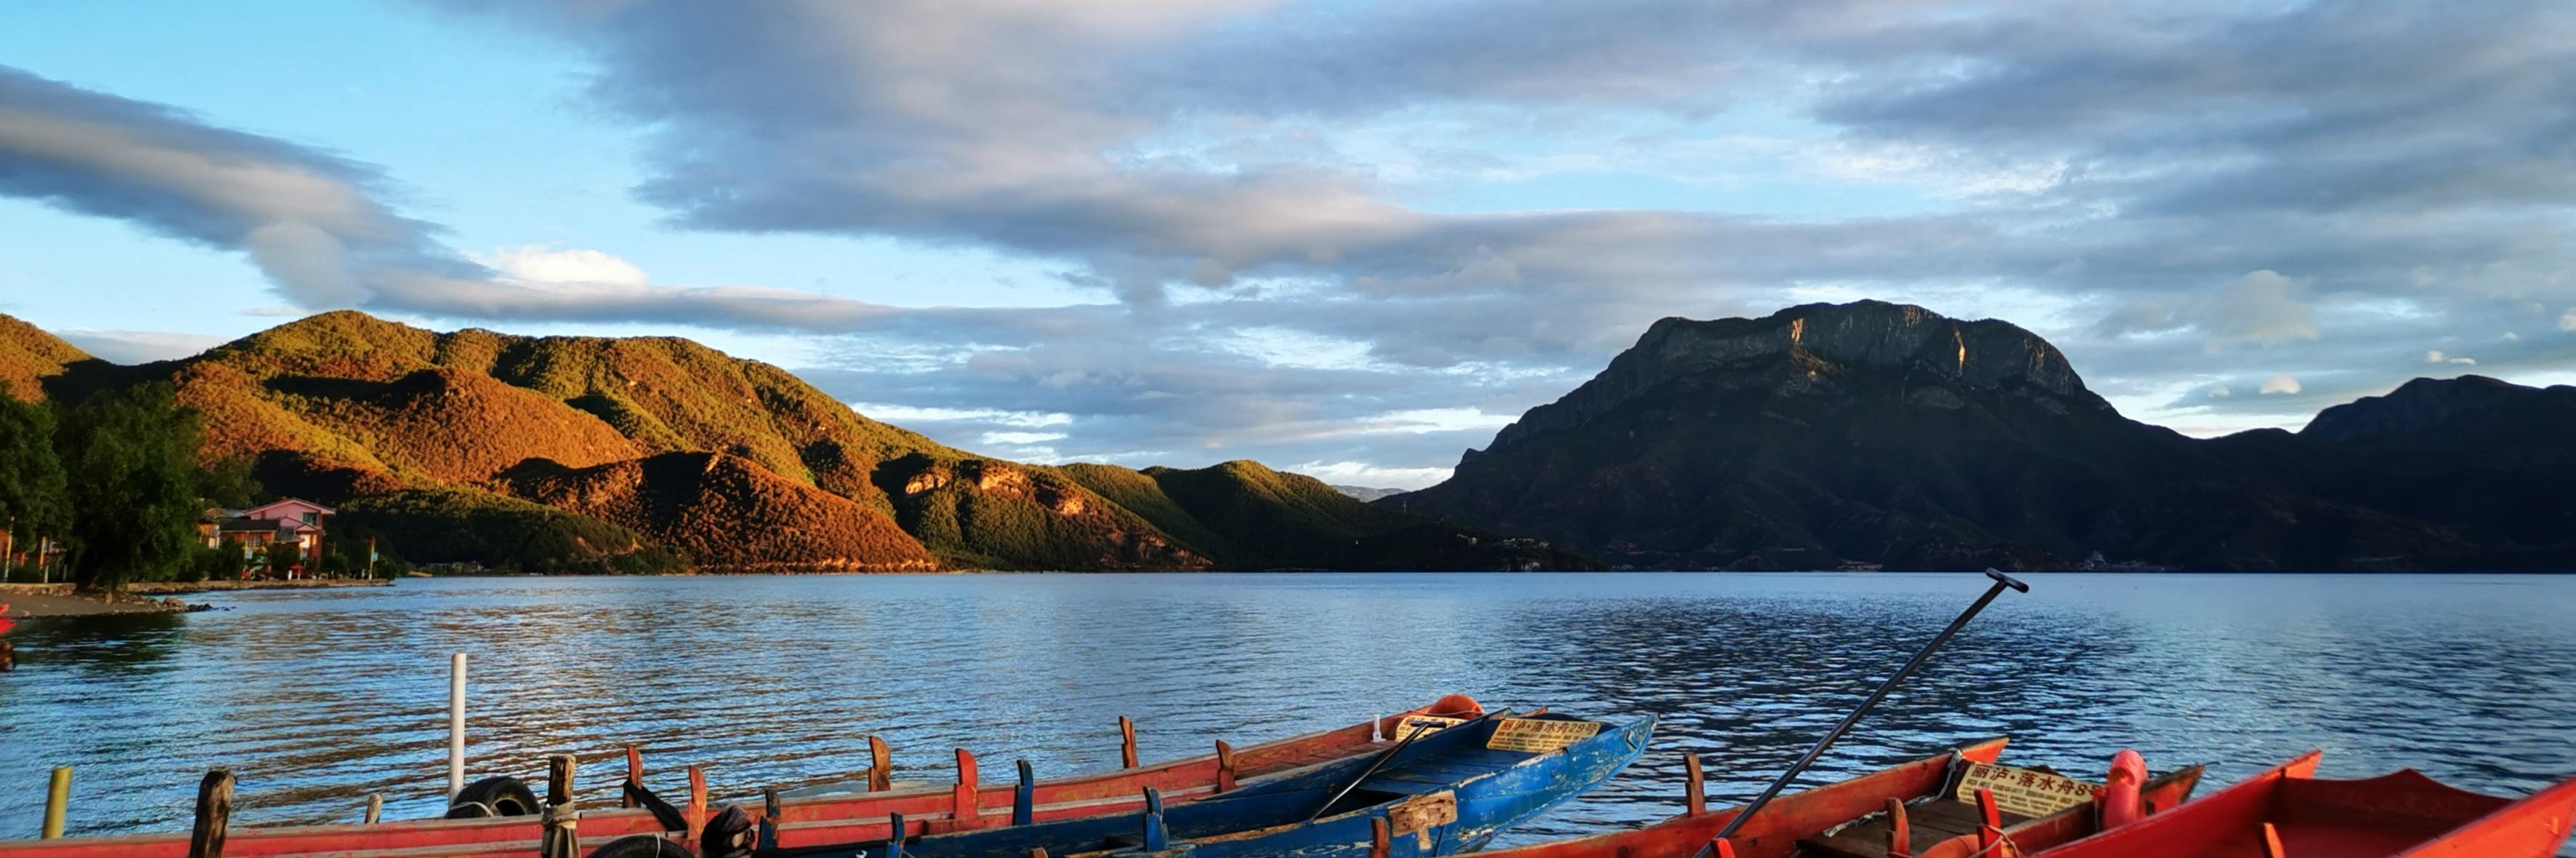 2021泸沽湖、大理的三日休闲之旅